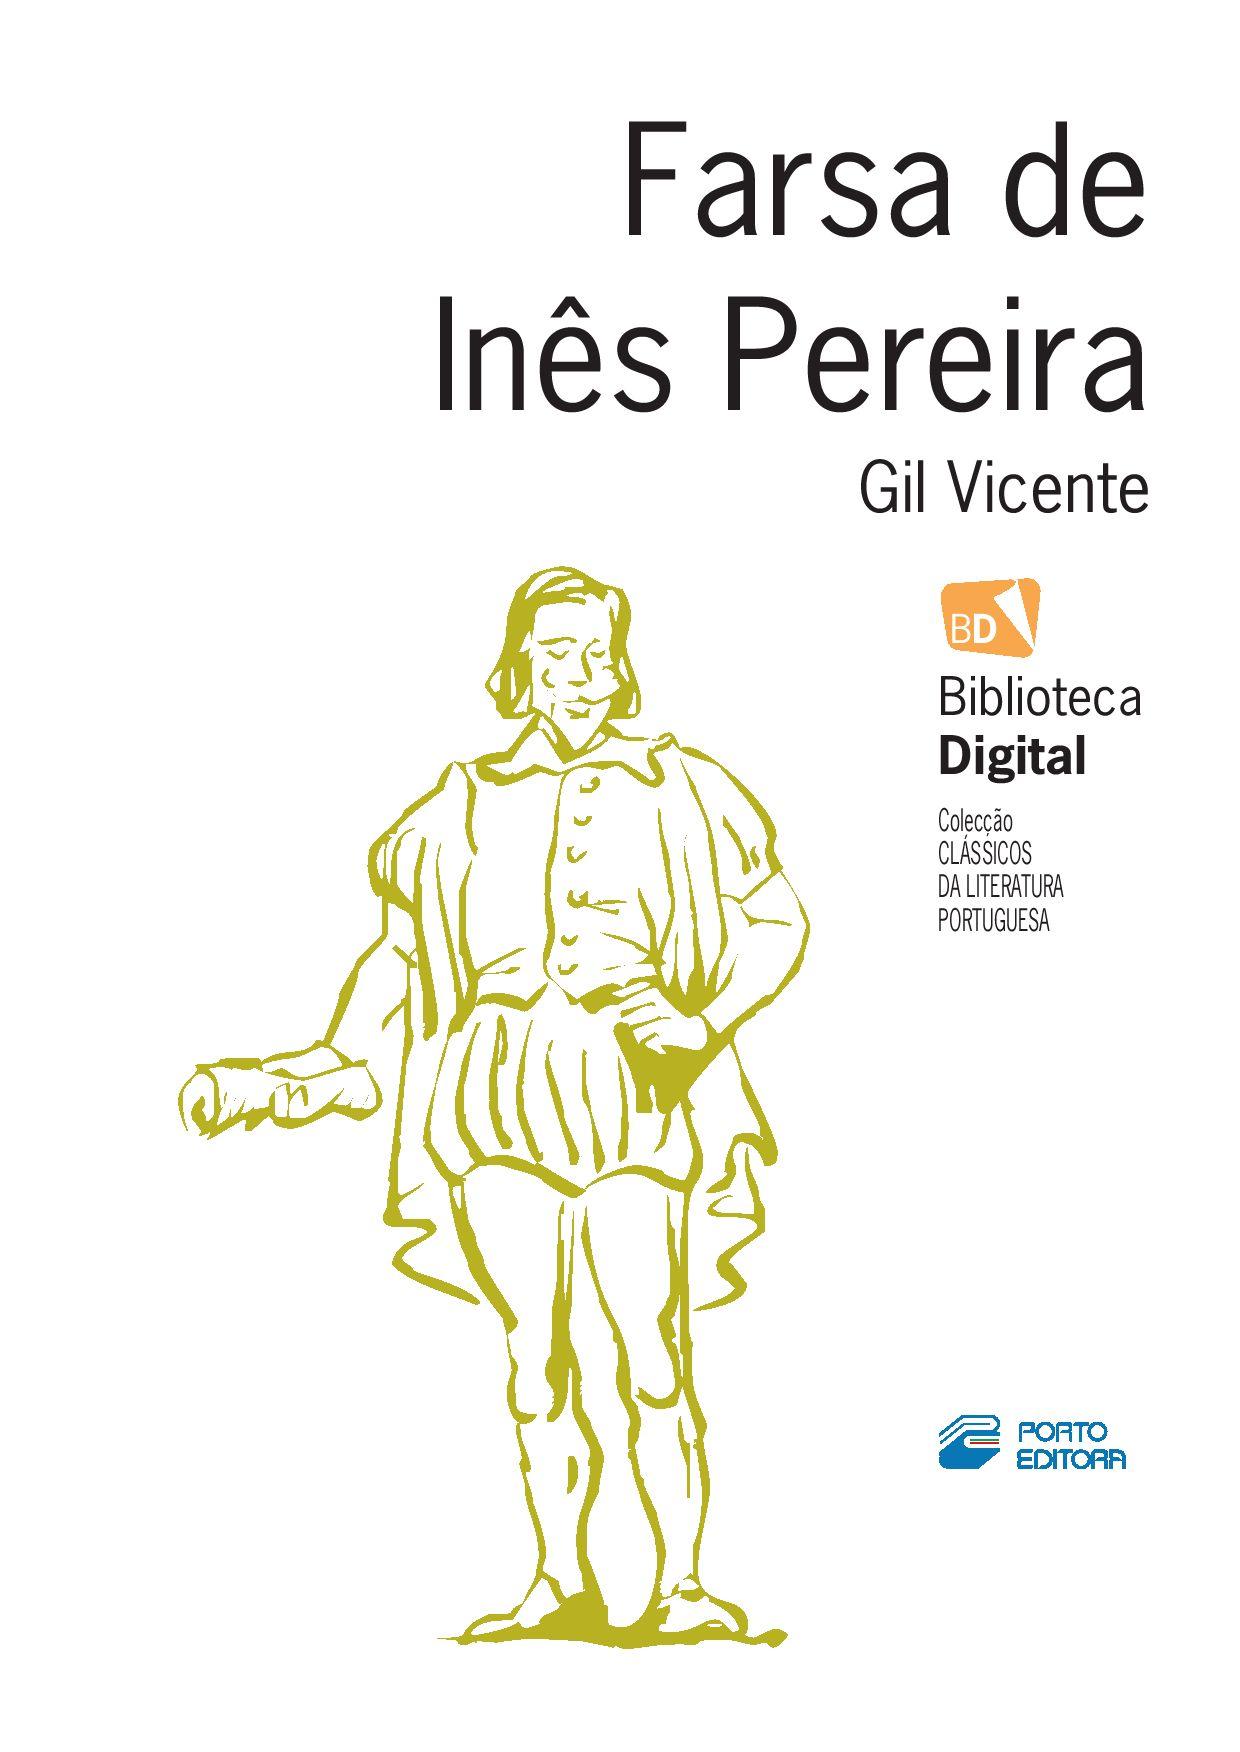 ASA EP10 Teste Farsa de Ines Pereira(1) - PDF Free Download